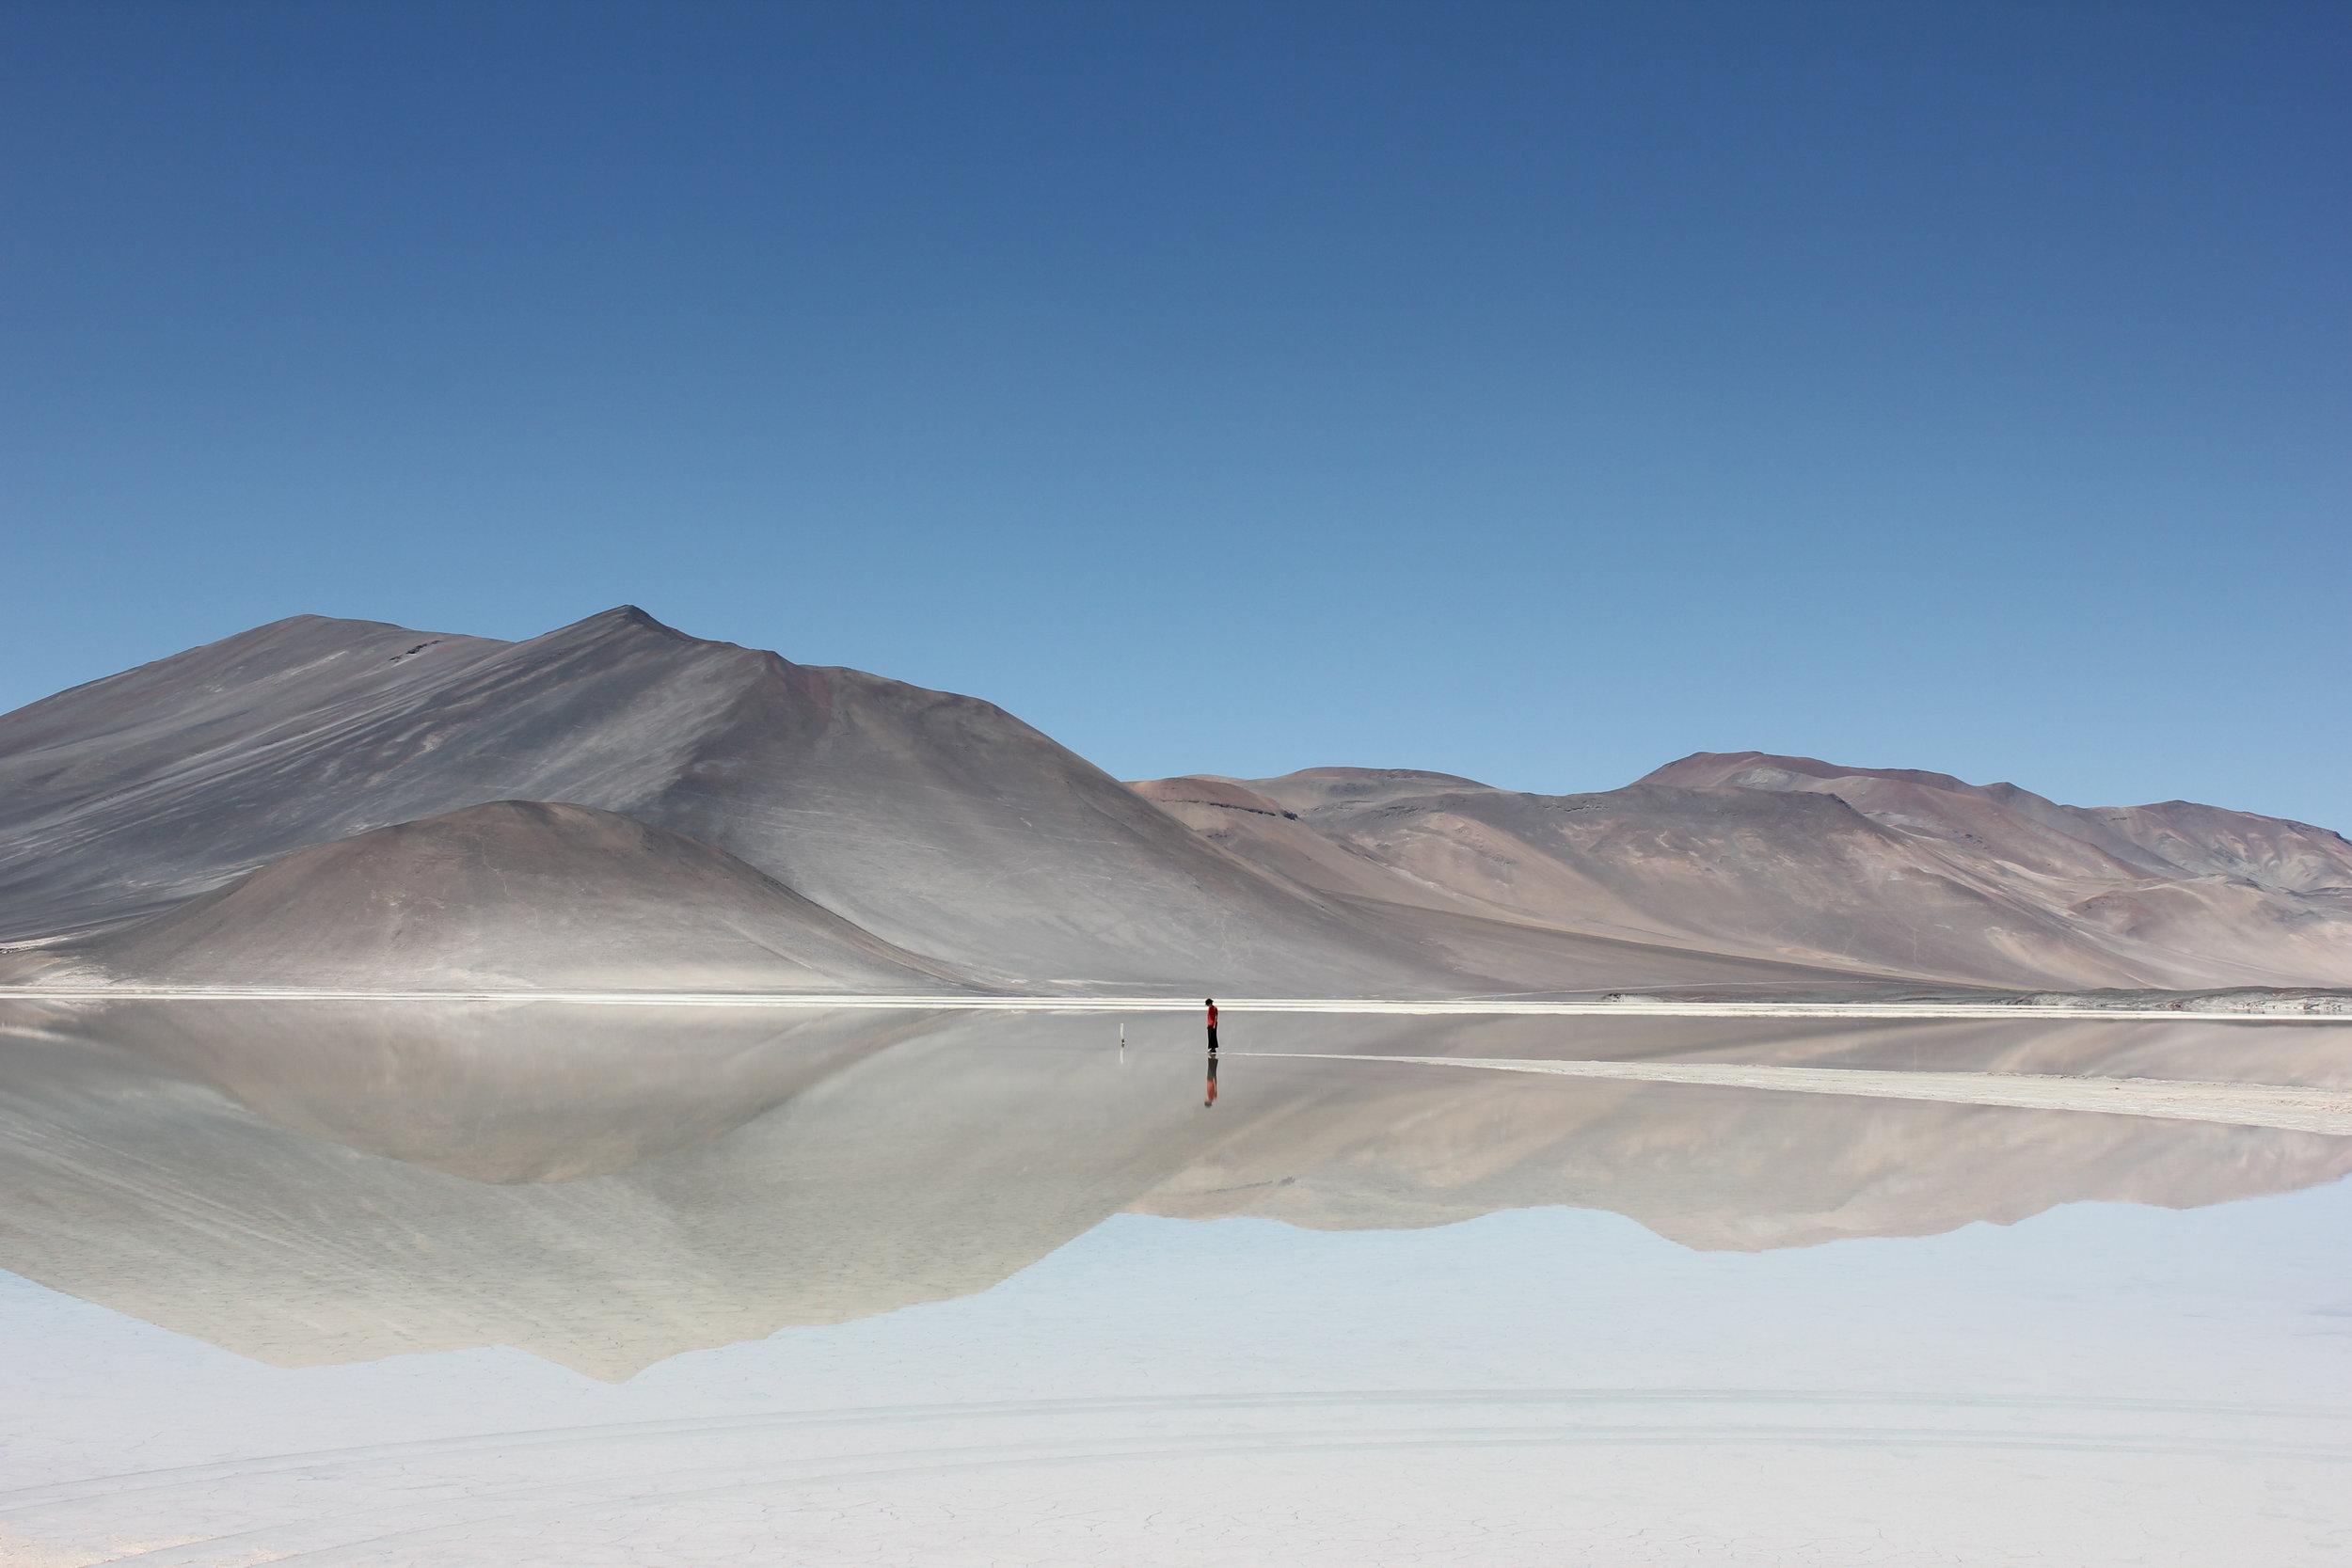 Reflect, learn, progress -